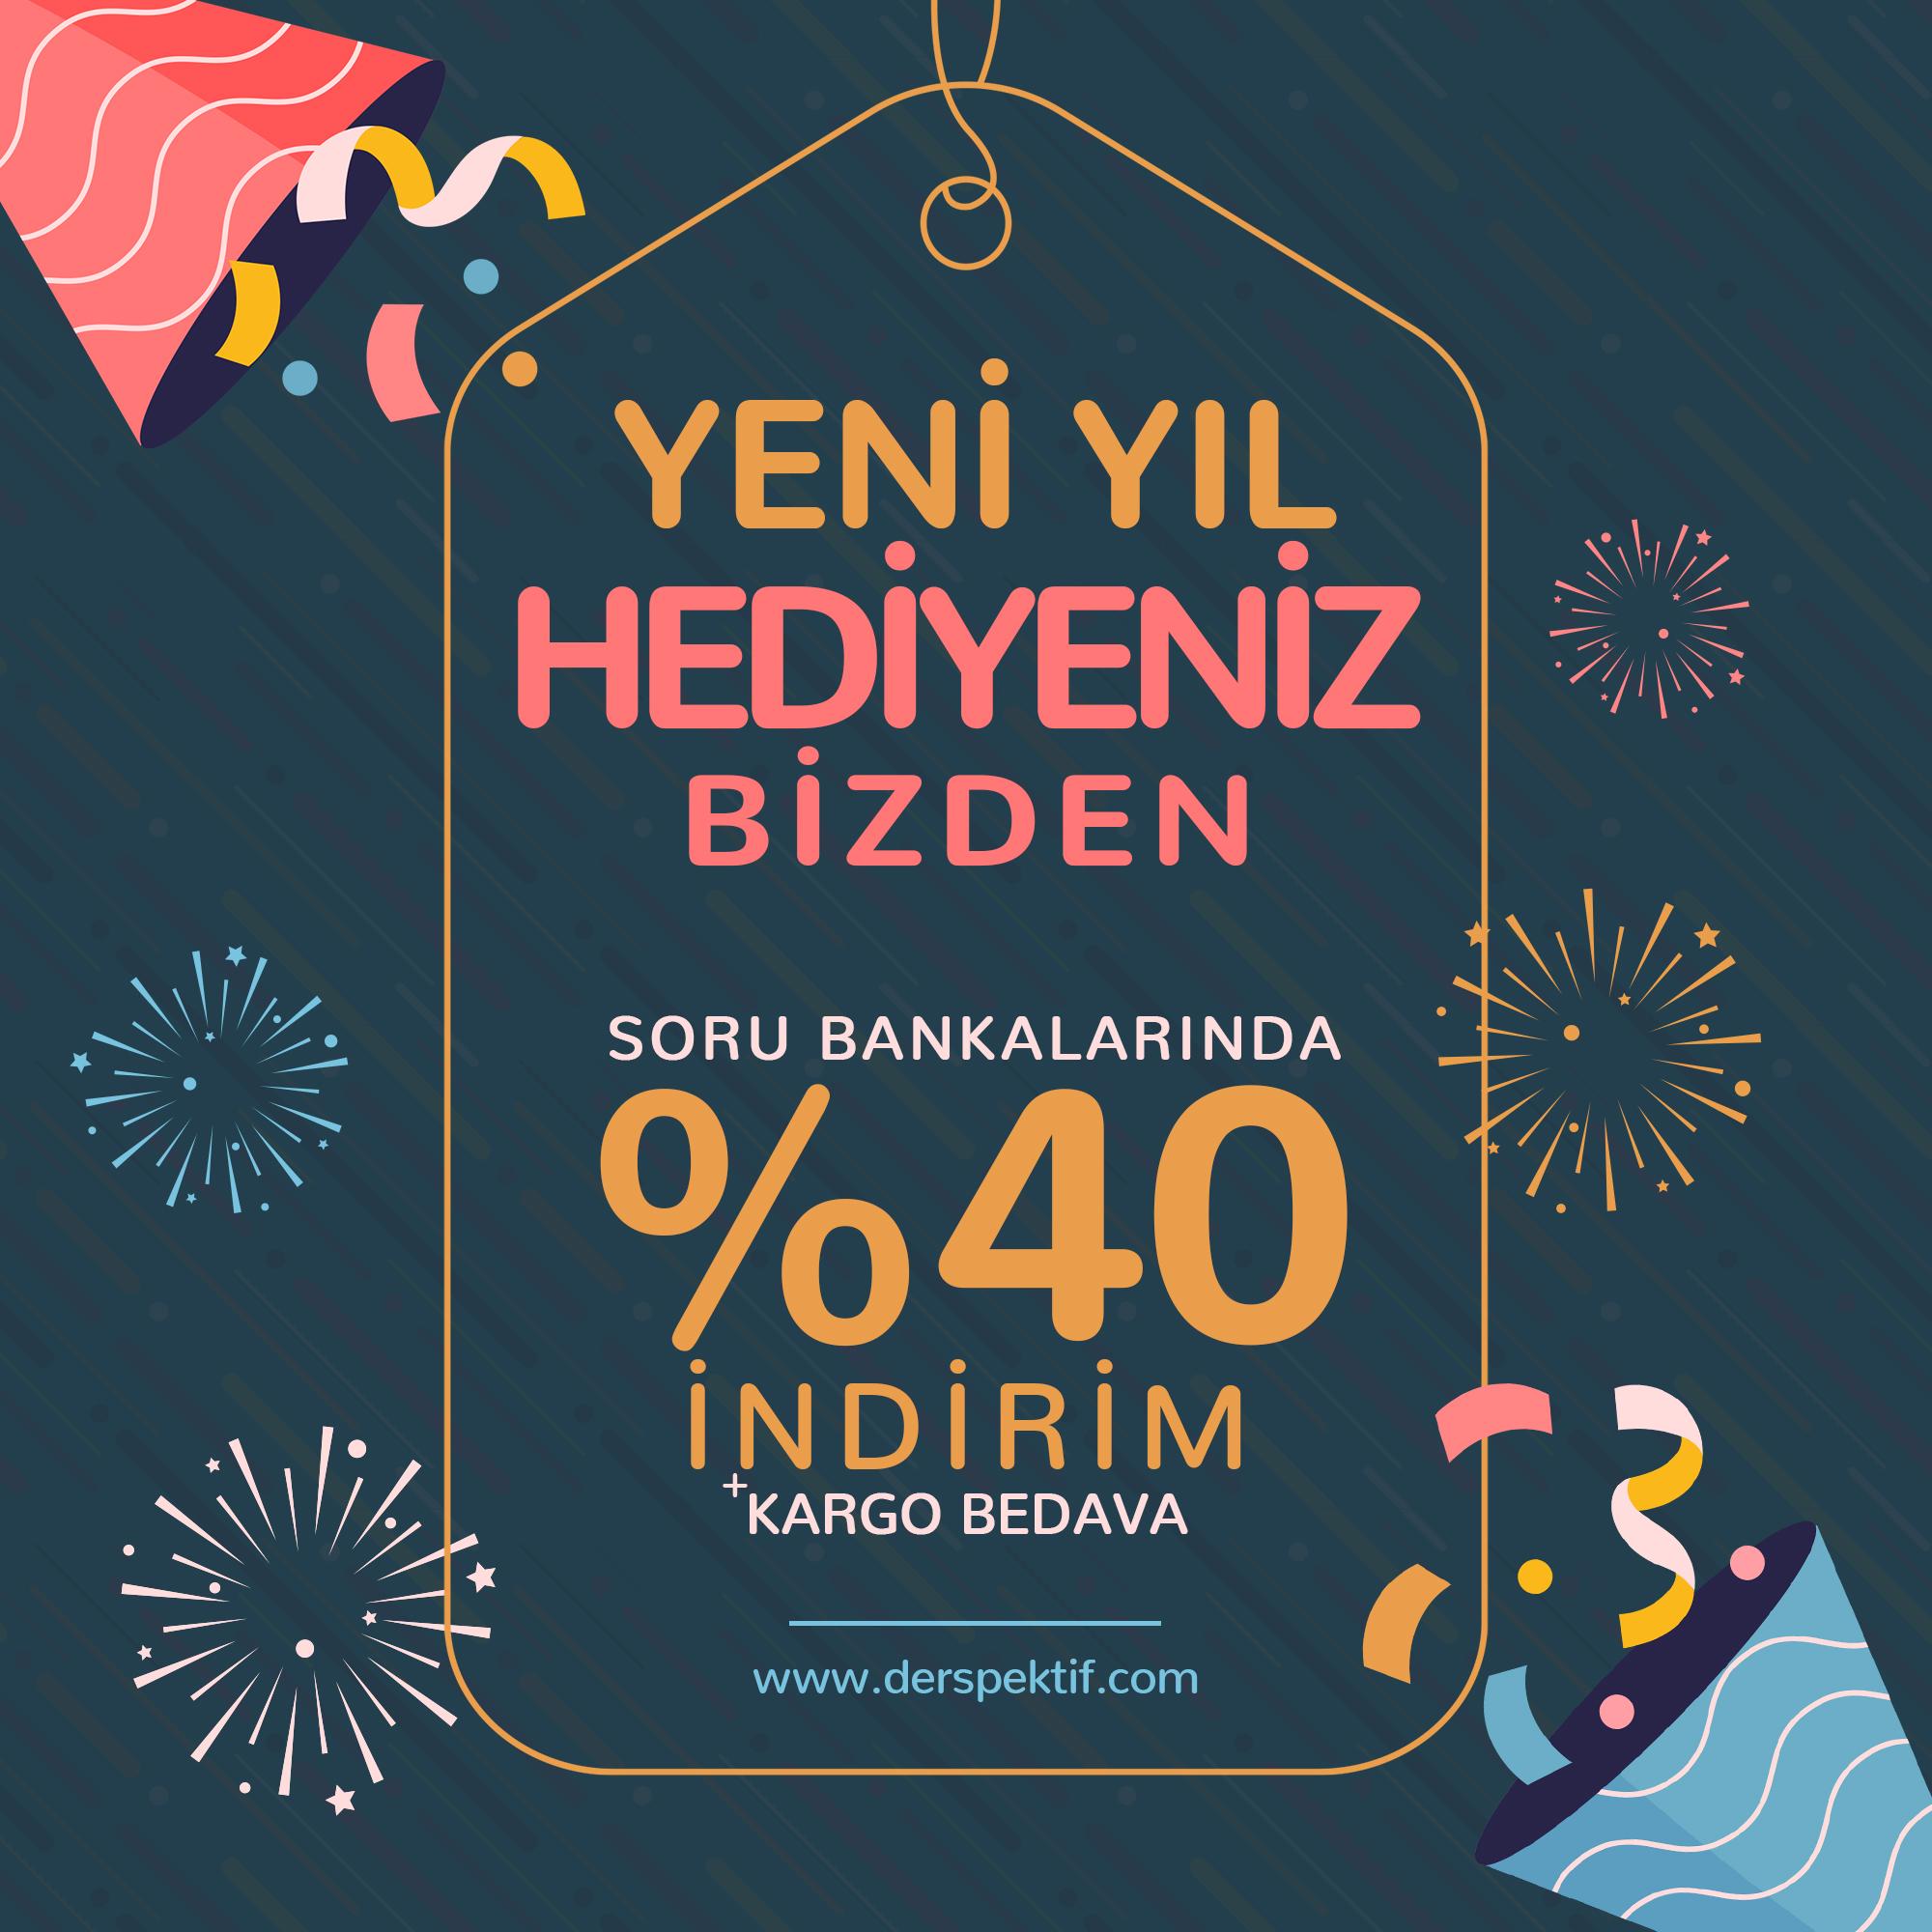 Yeni Yıl %40 İndirim